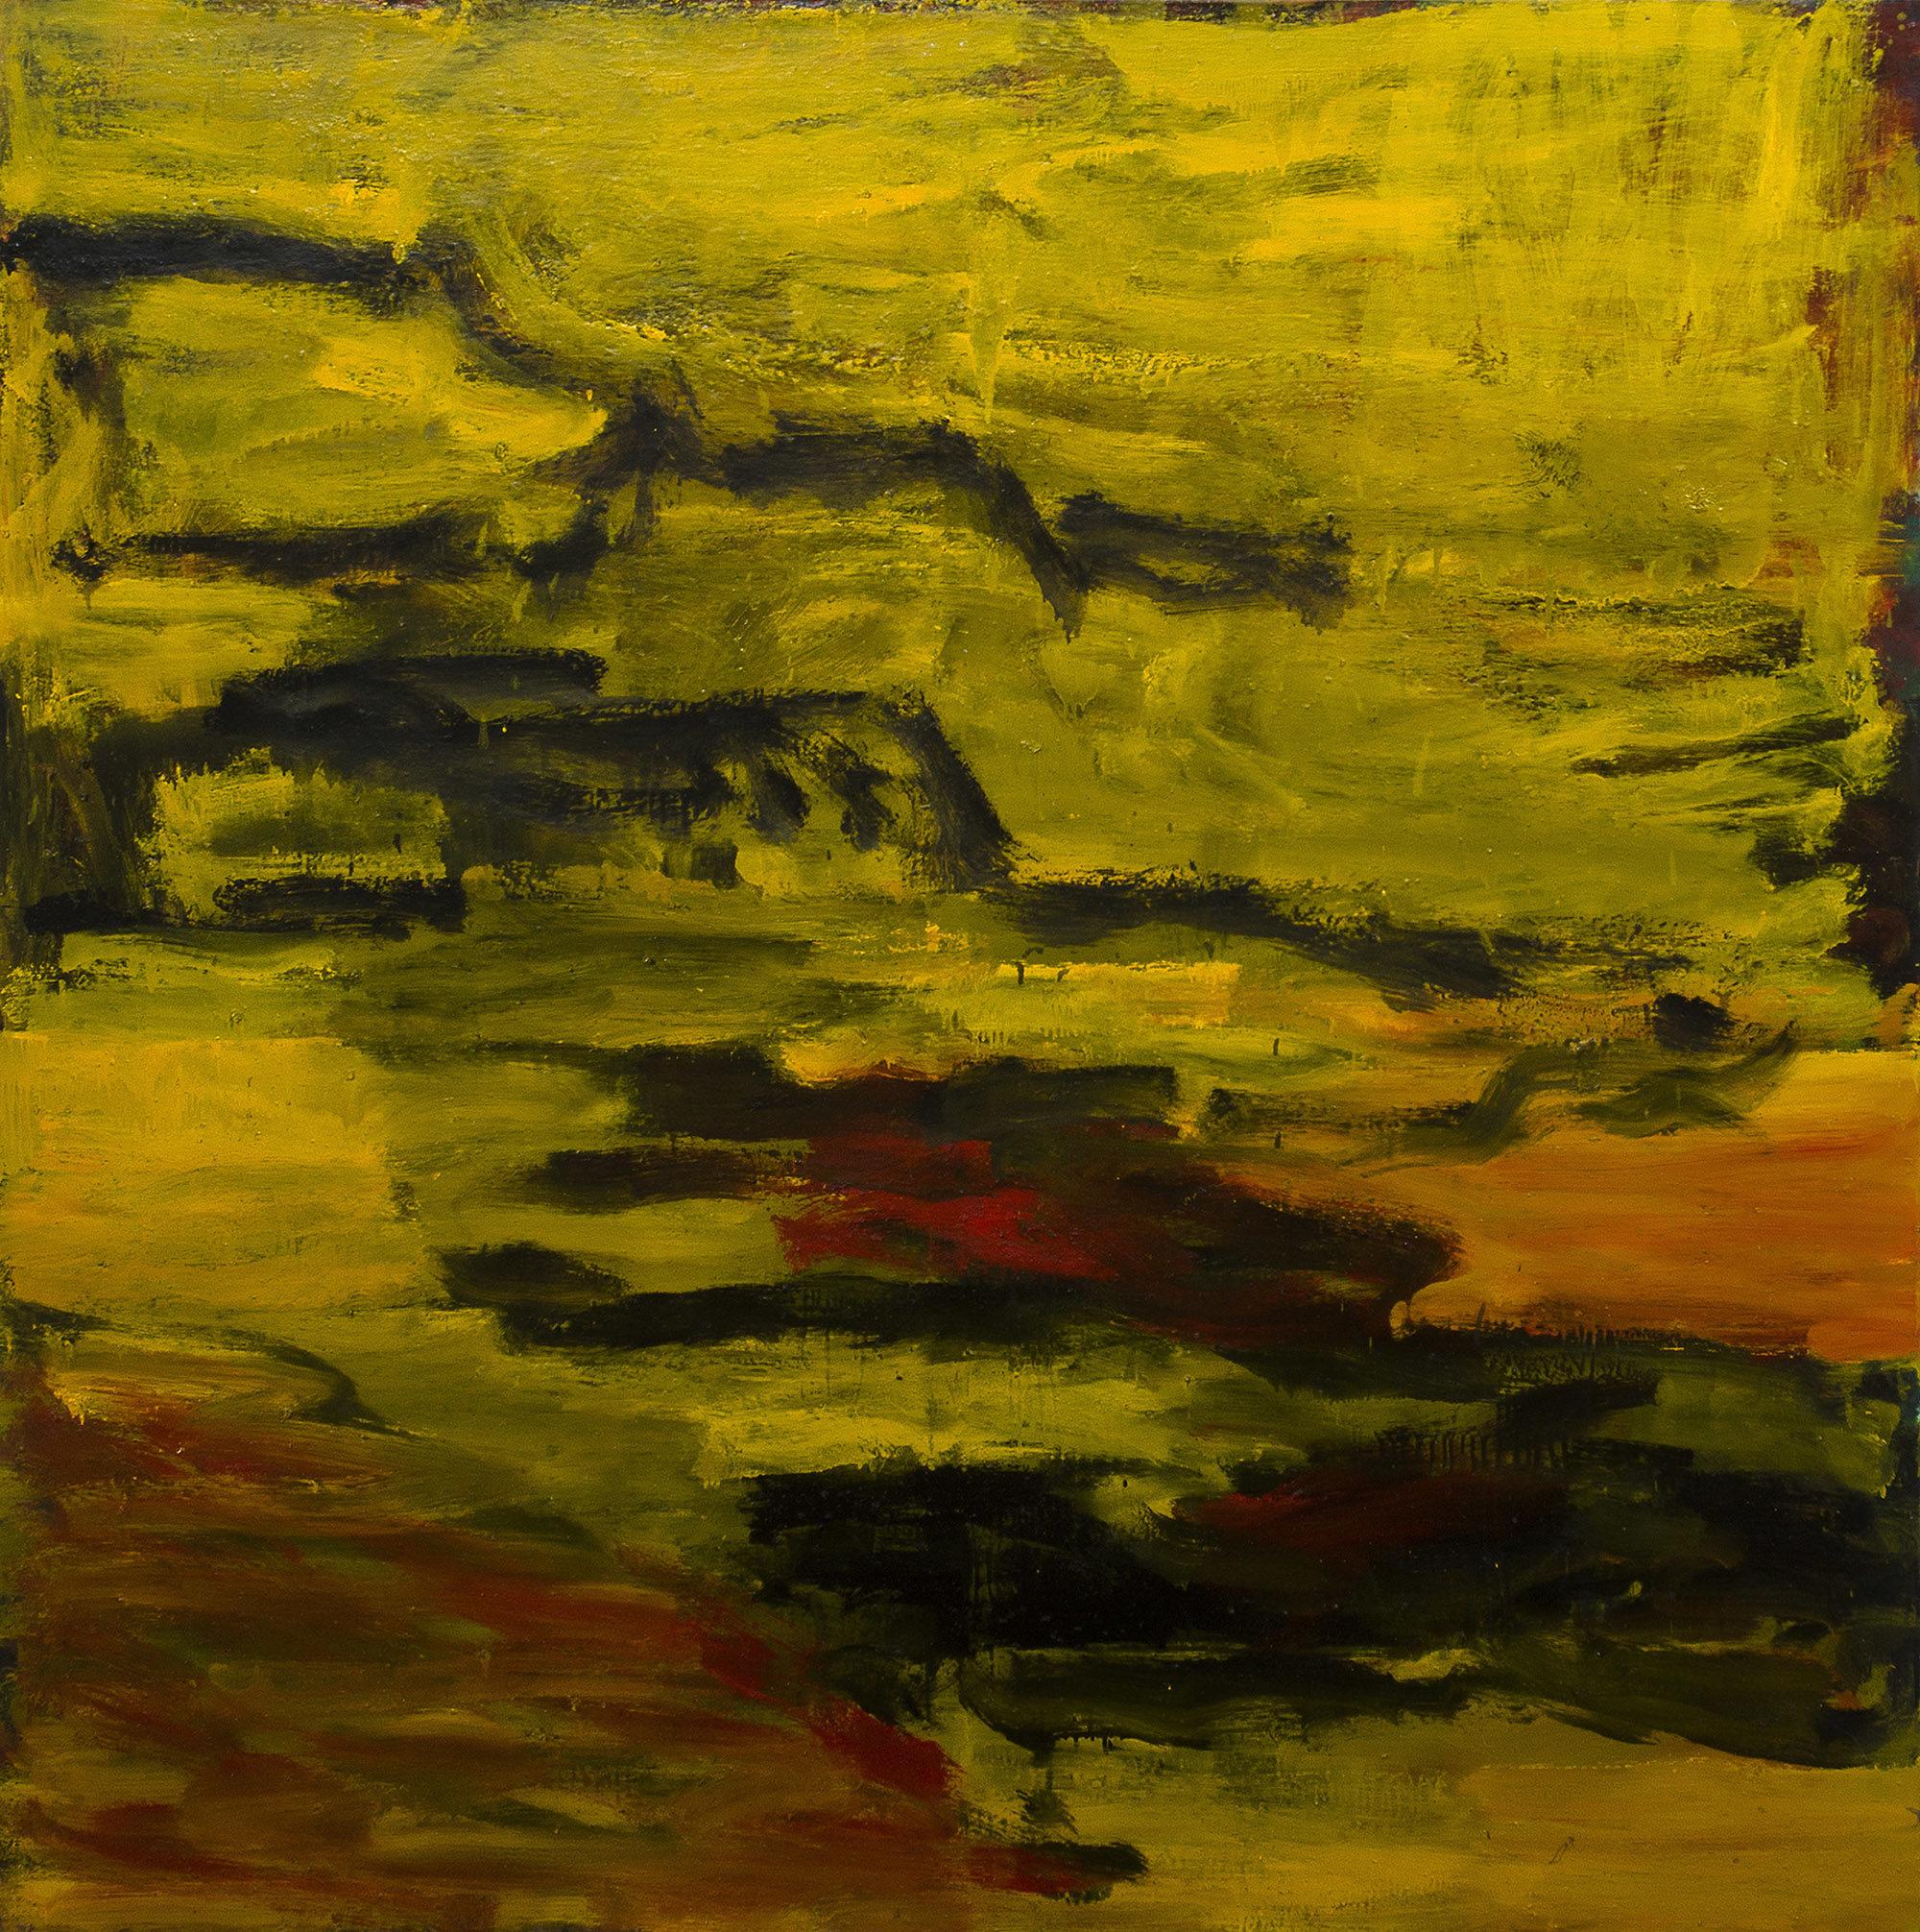 Paysage berbère, 2005, huile sur toile, 200x 200 cm. (Photo © A.Morain)